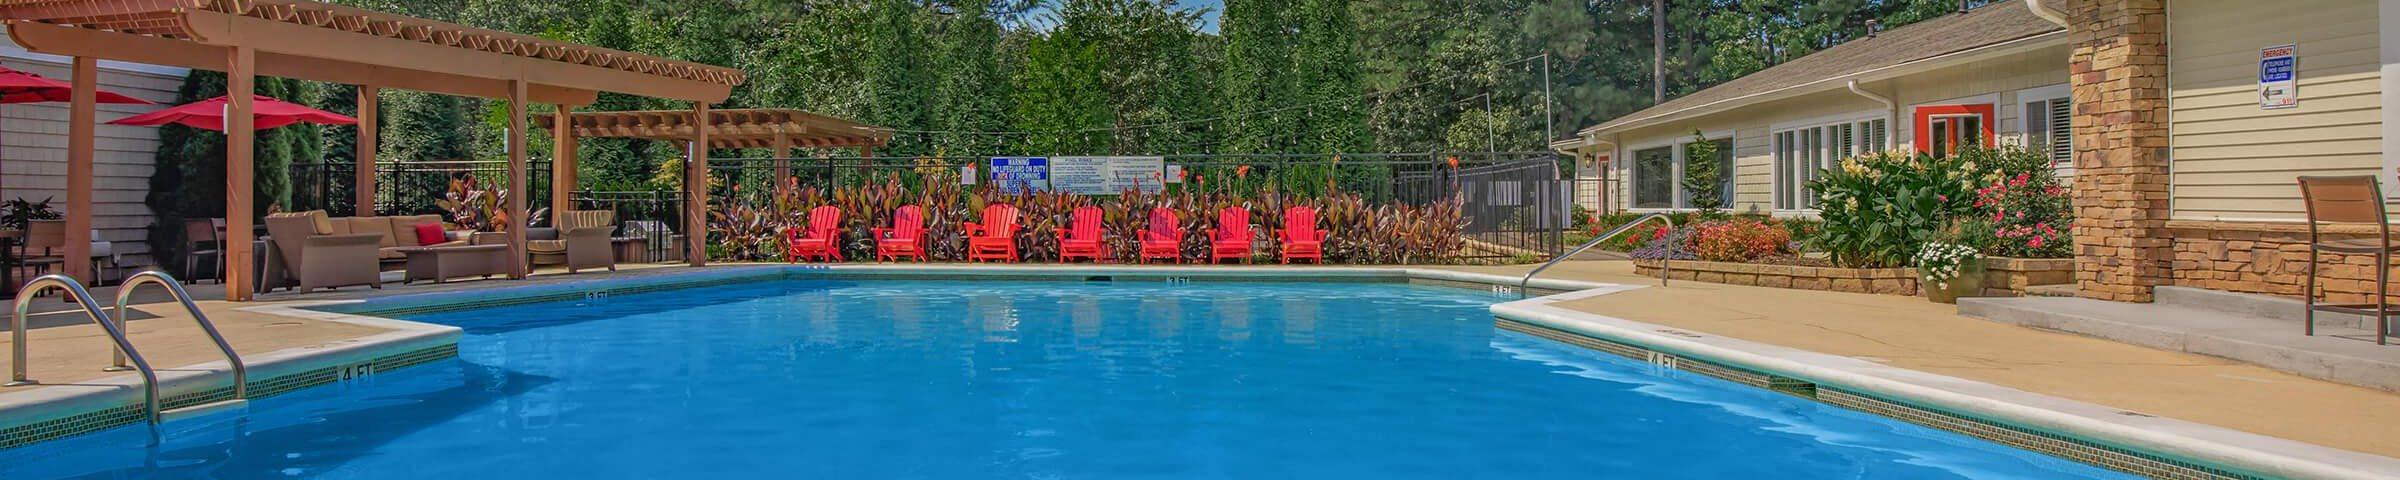 Blue Cool Swimming Pool at Forest Ridge on Terrell Mill, Marietta, GA